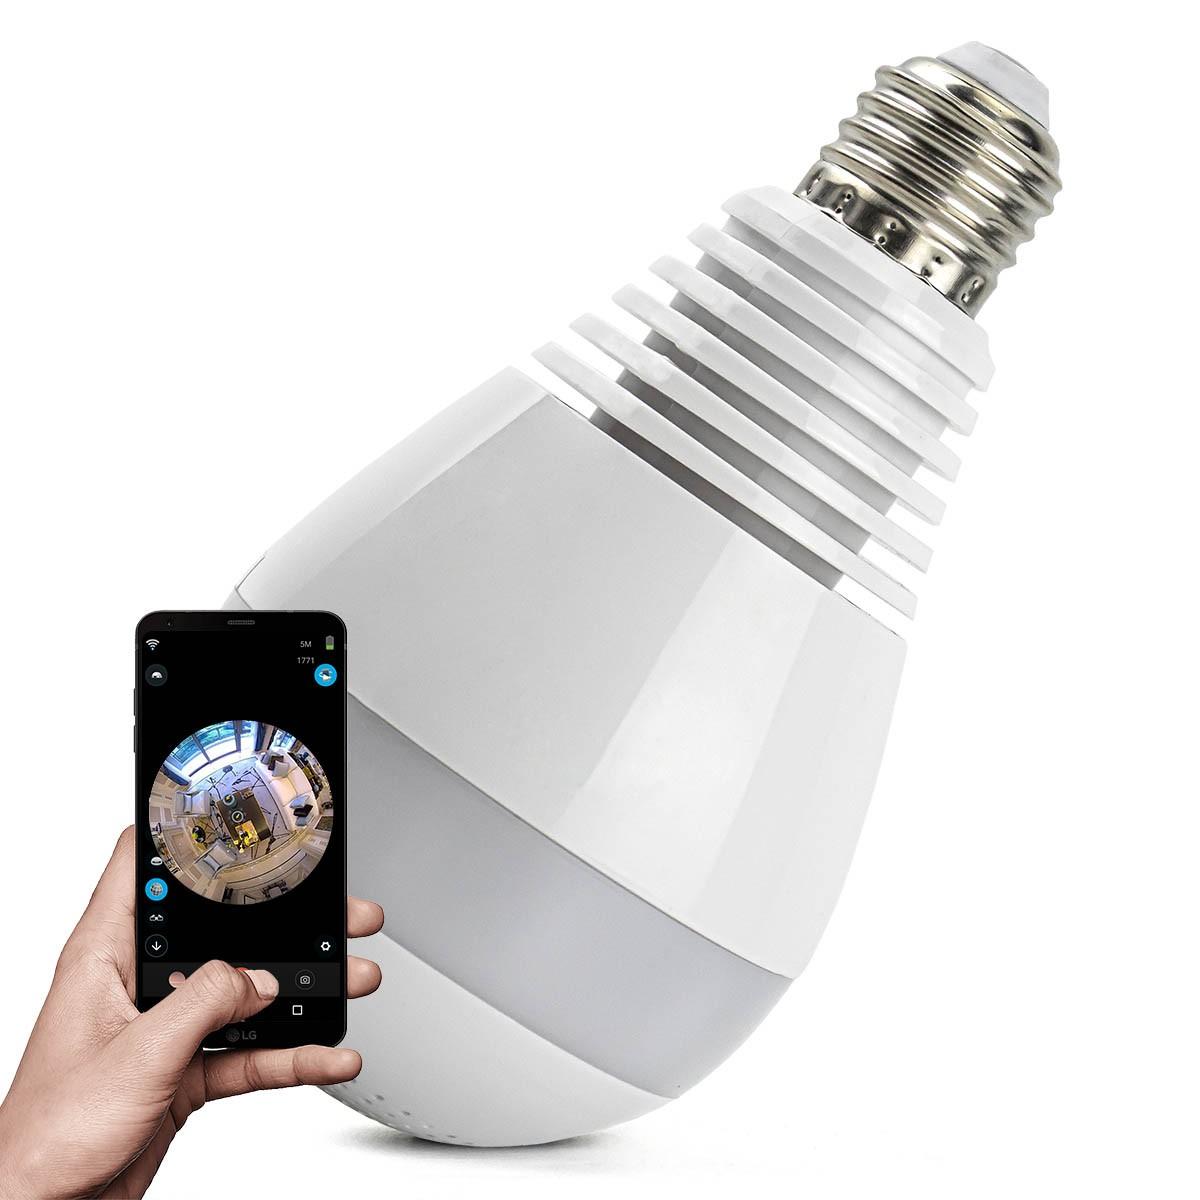 Câmera IP Wi-fi Panorâmica 360º Lâmpada LED Espiã Ipega KP-CA153